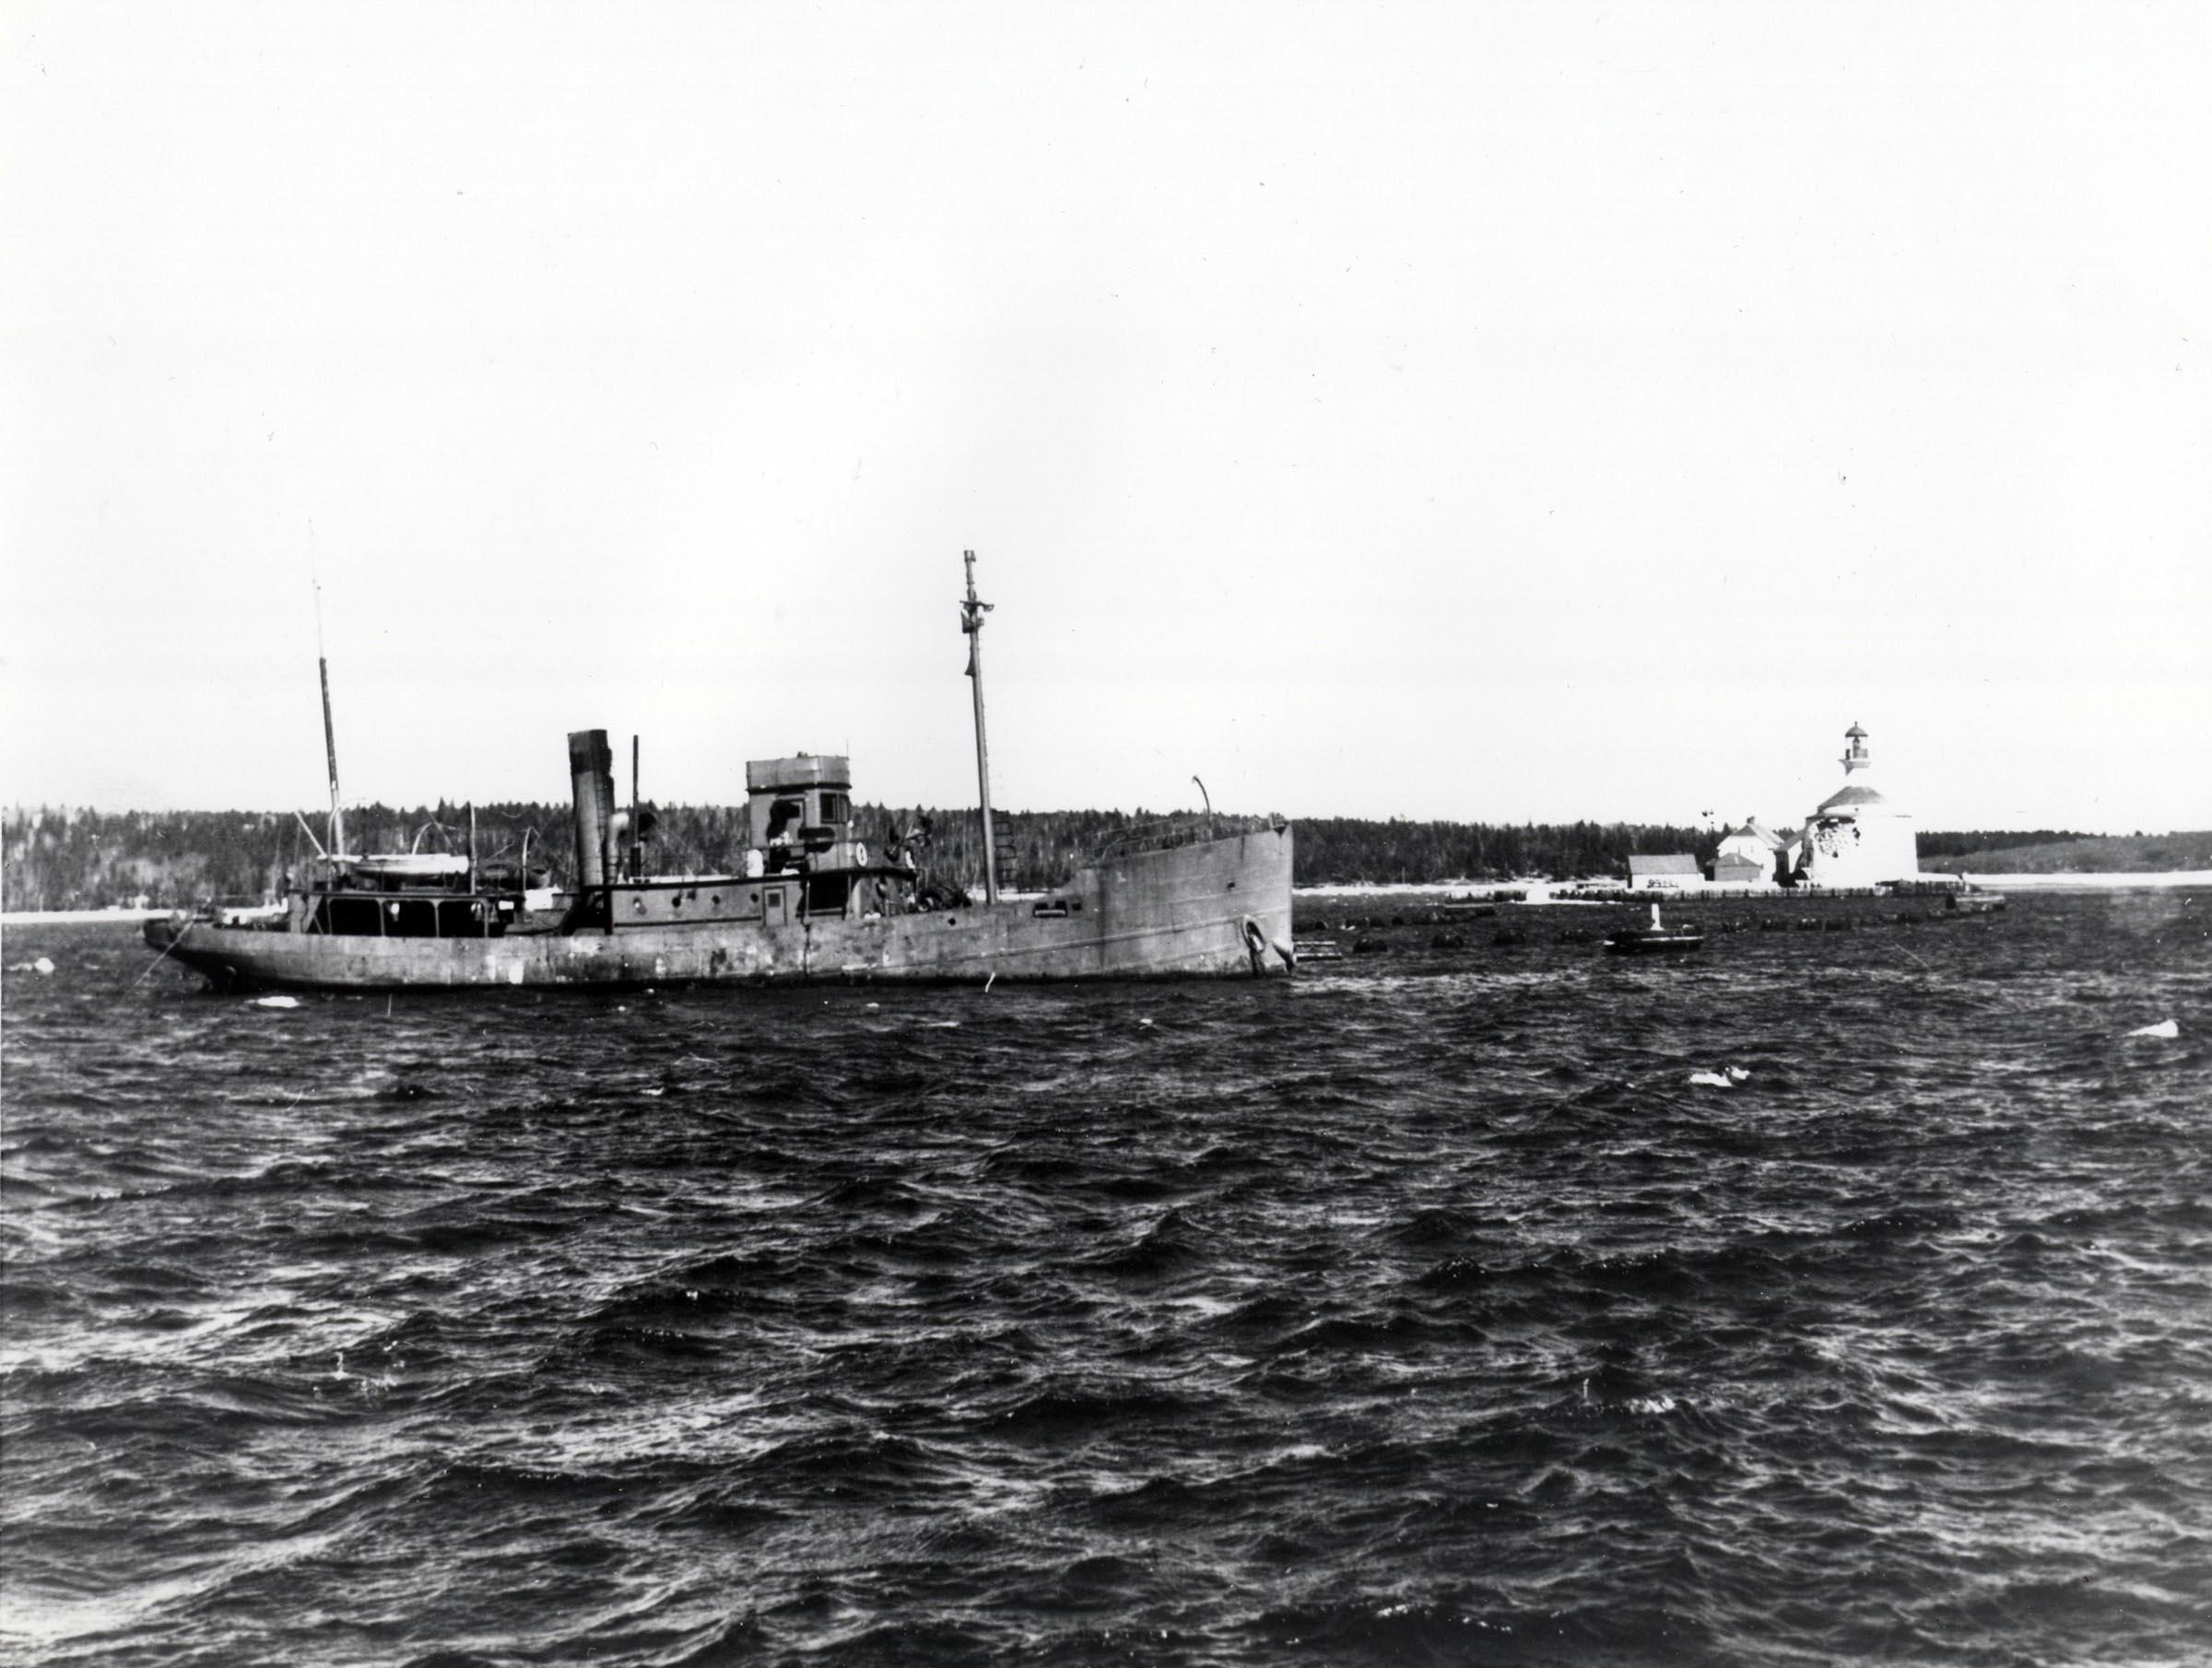 HMCS ST. ELOI